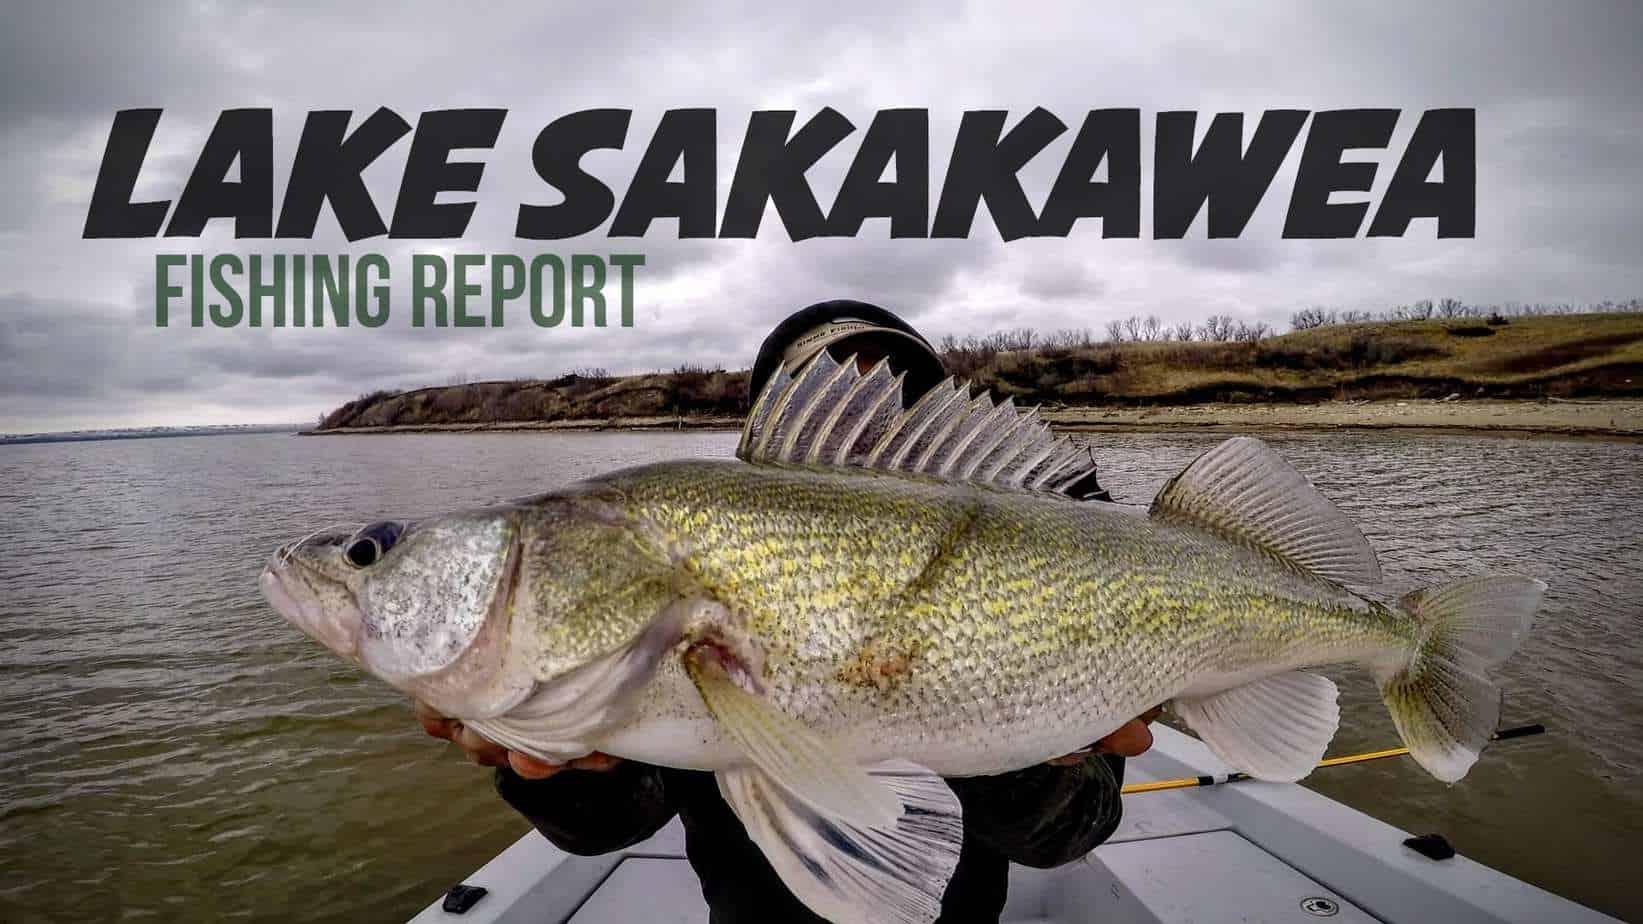 Lake Sakakawea (ND) Fishing Report – Josh Johnson